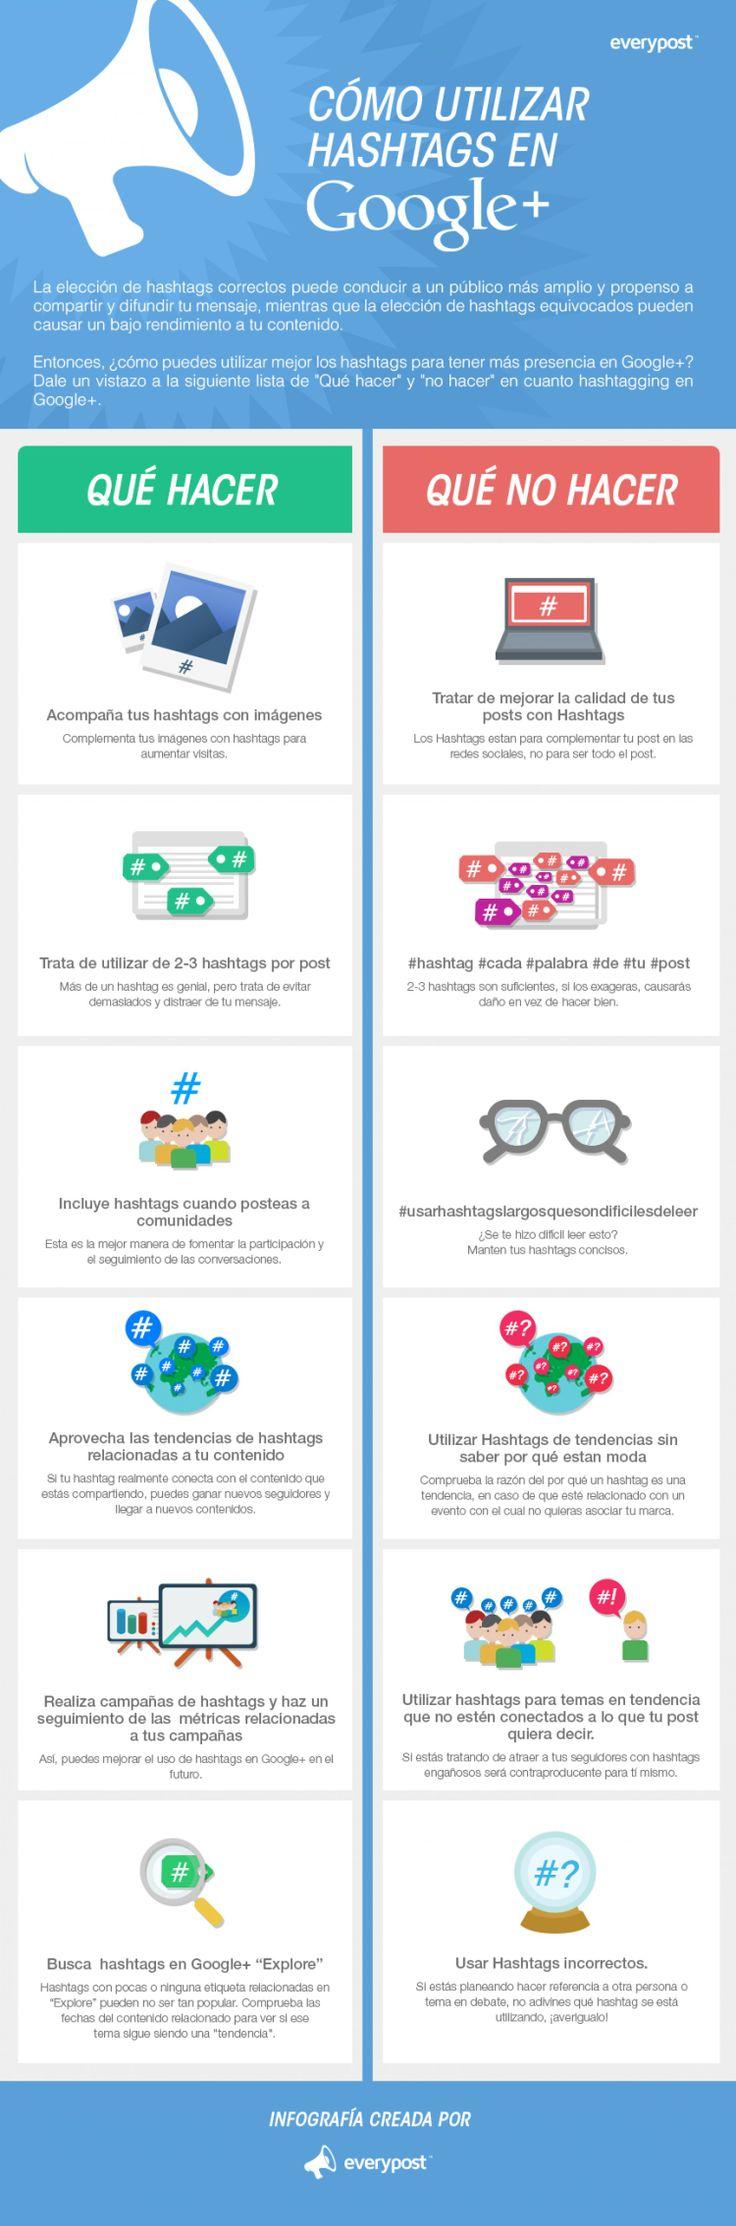 Cómo Utilizar Hashtags en Google+